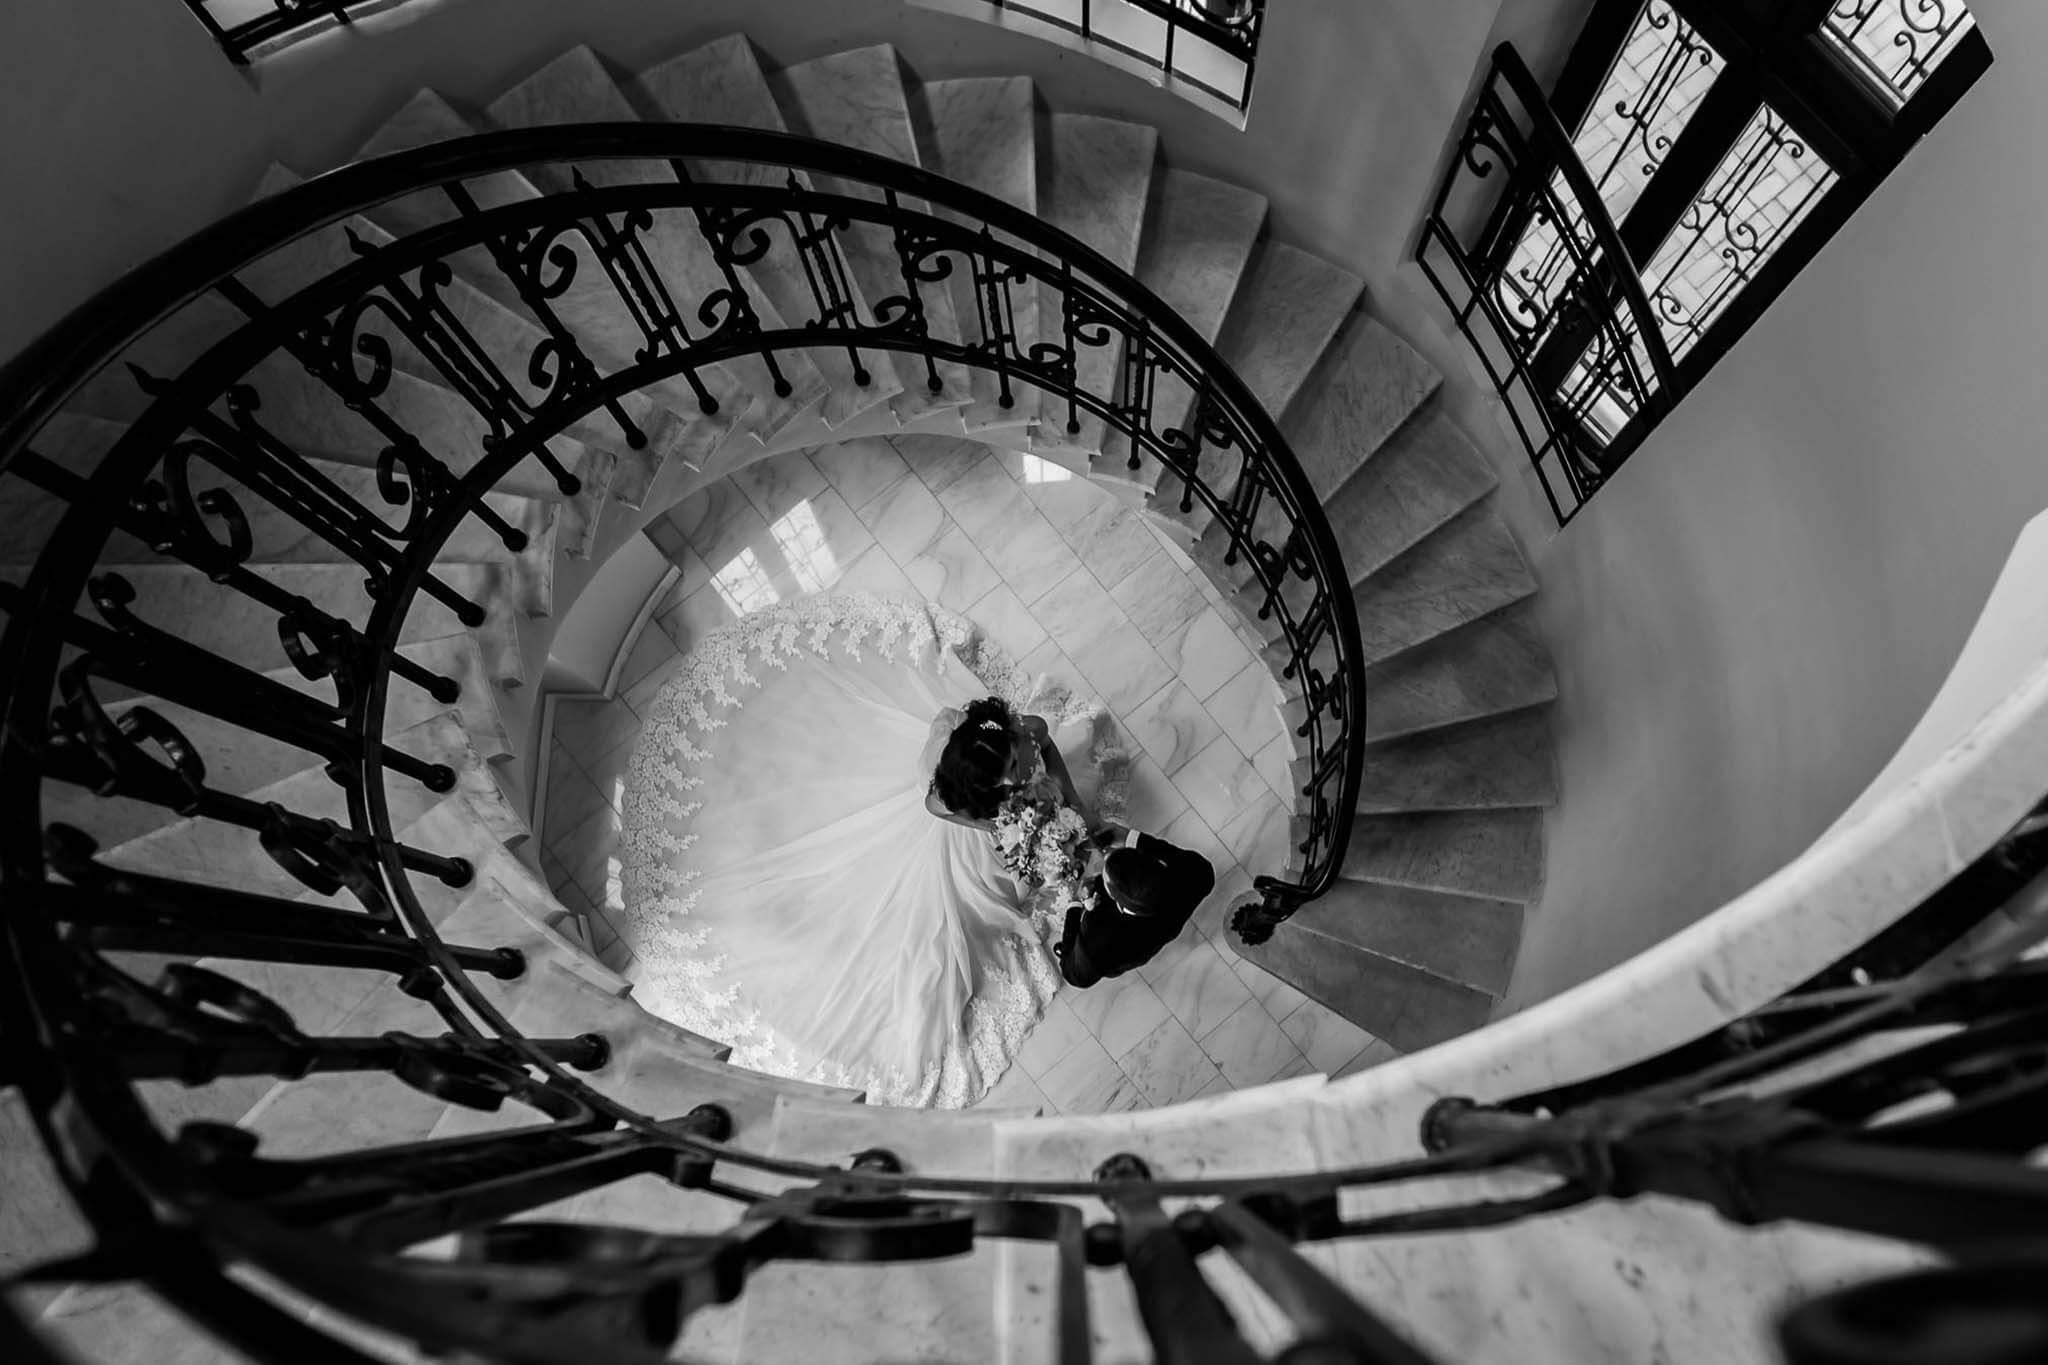 fotograf de nuntă profesionist